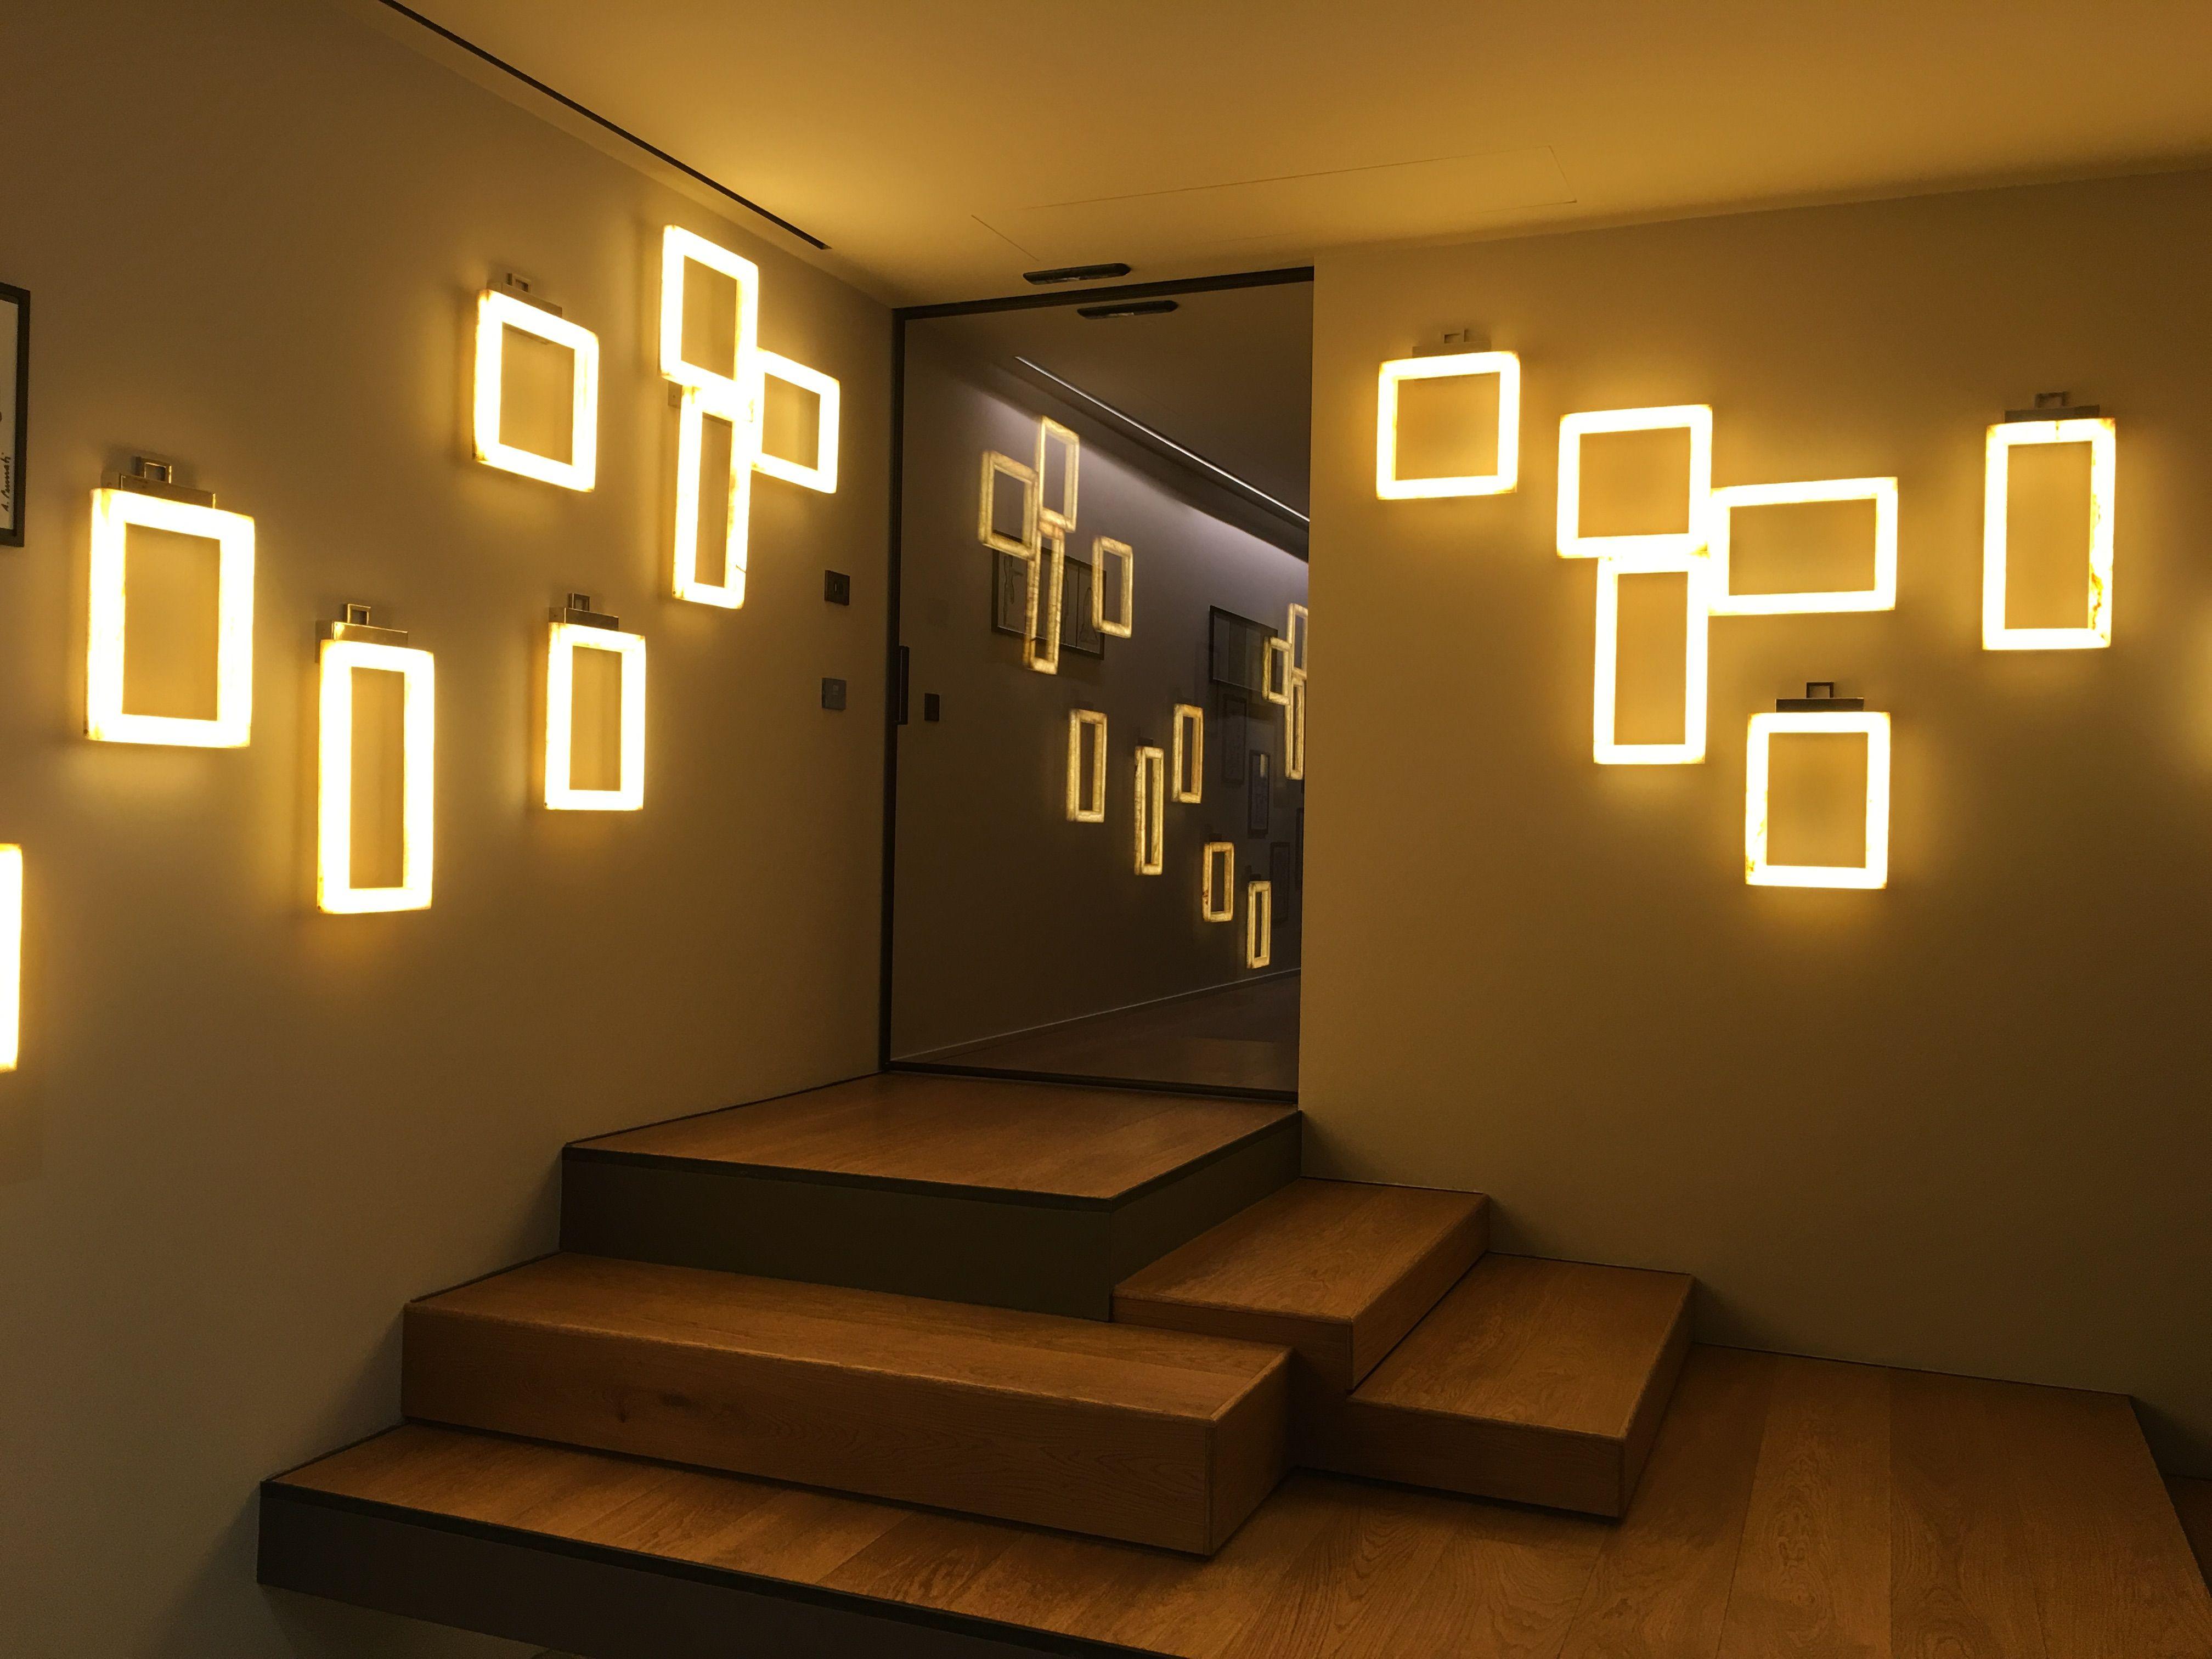 CONTARDI lighting fuorisalone 2016 at ON HOUSE UFFIZI appliques